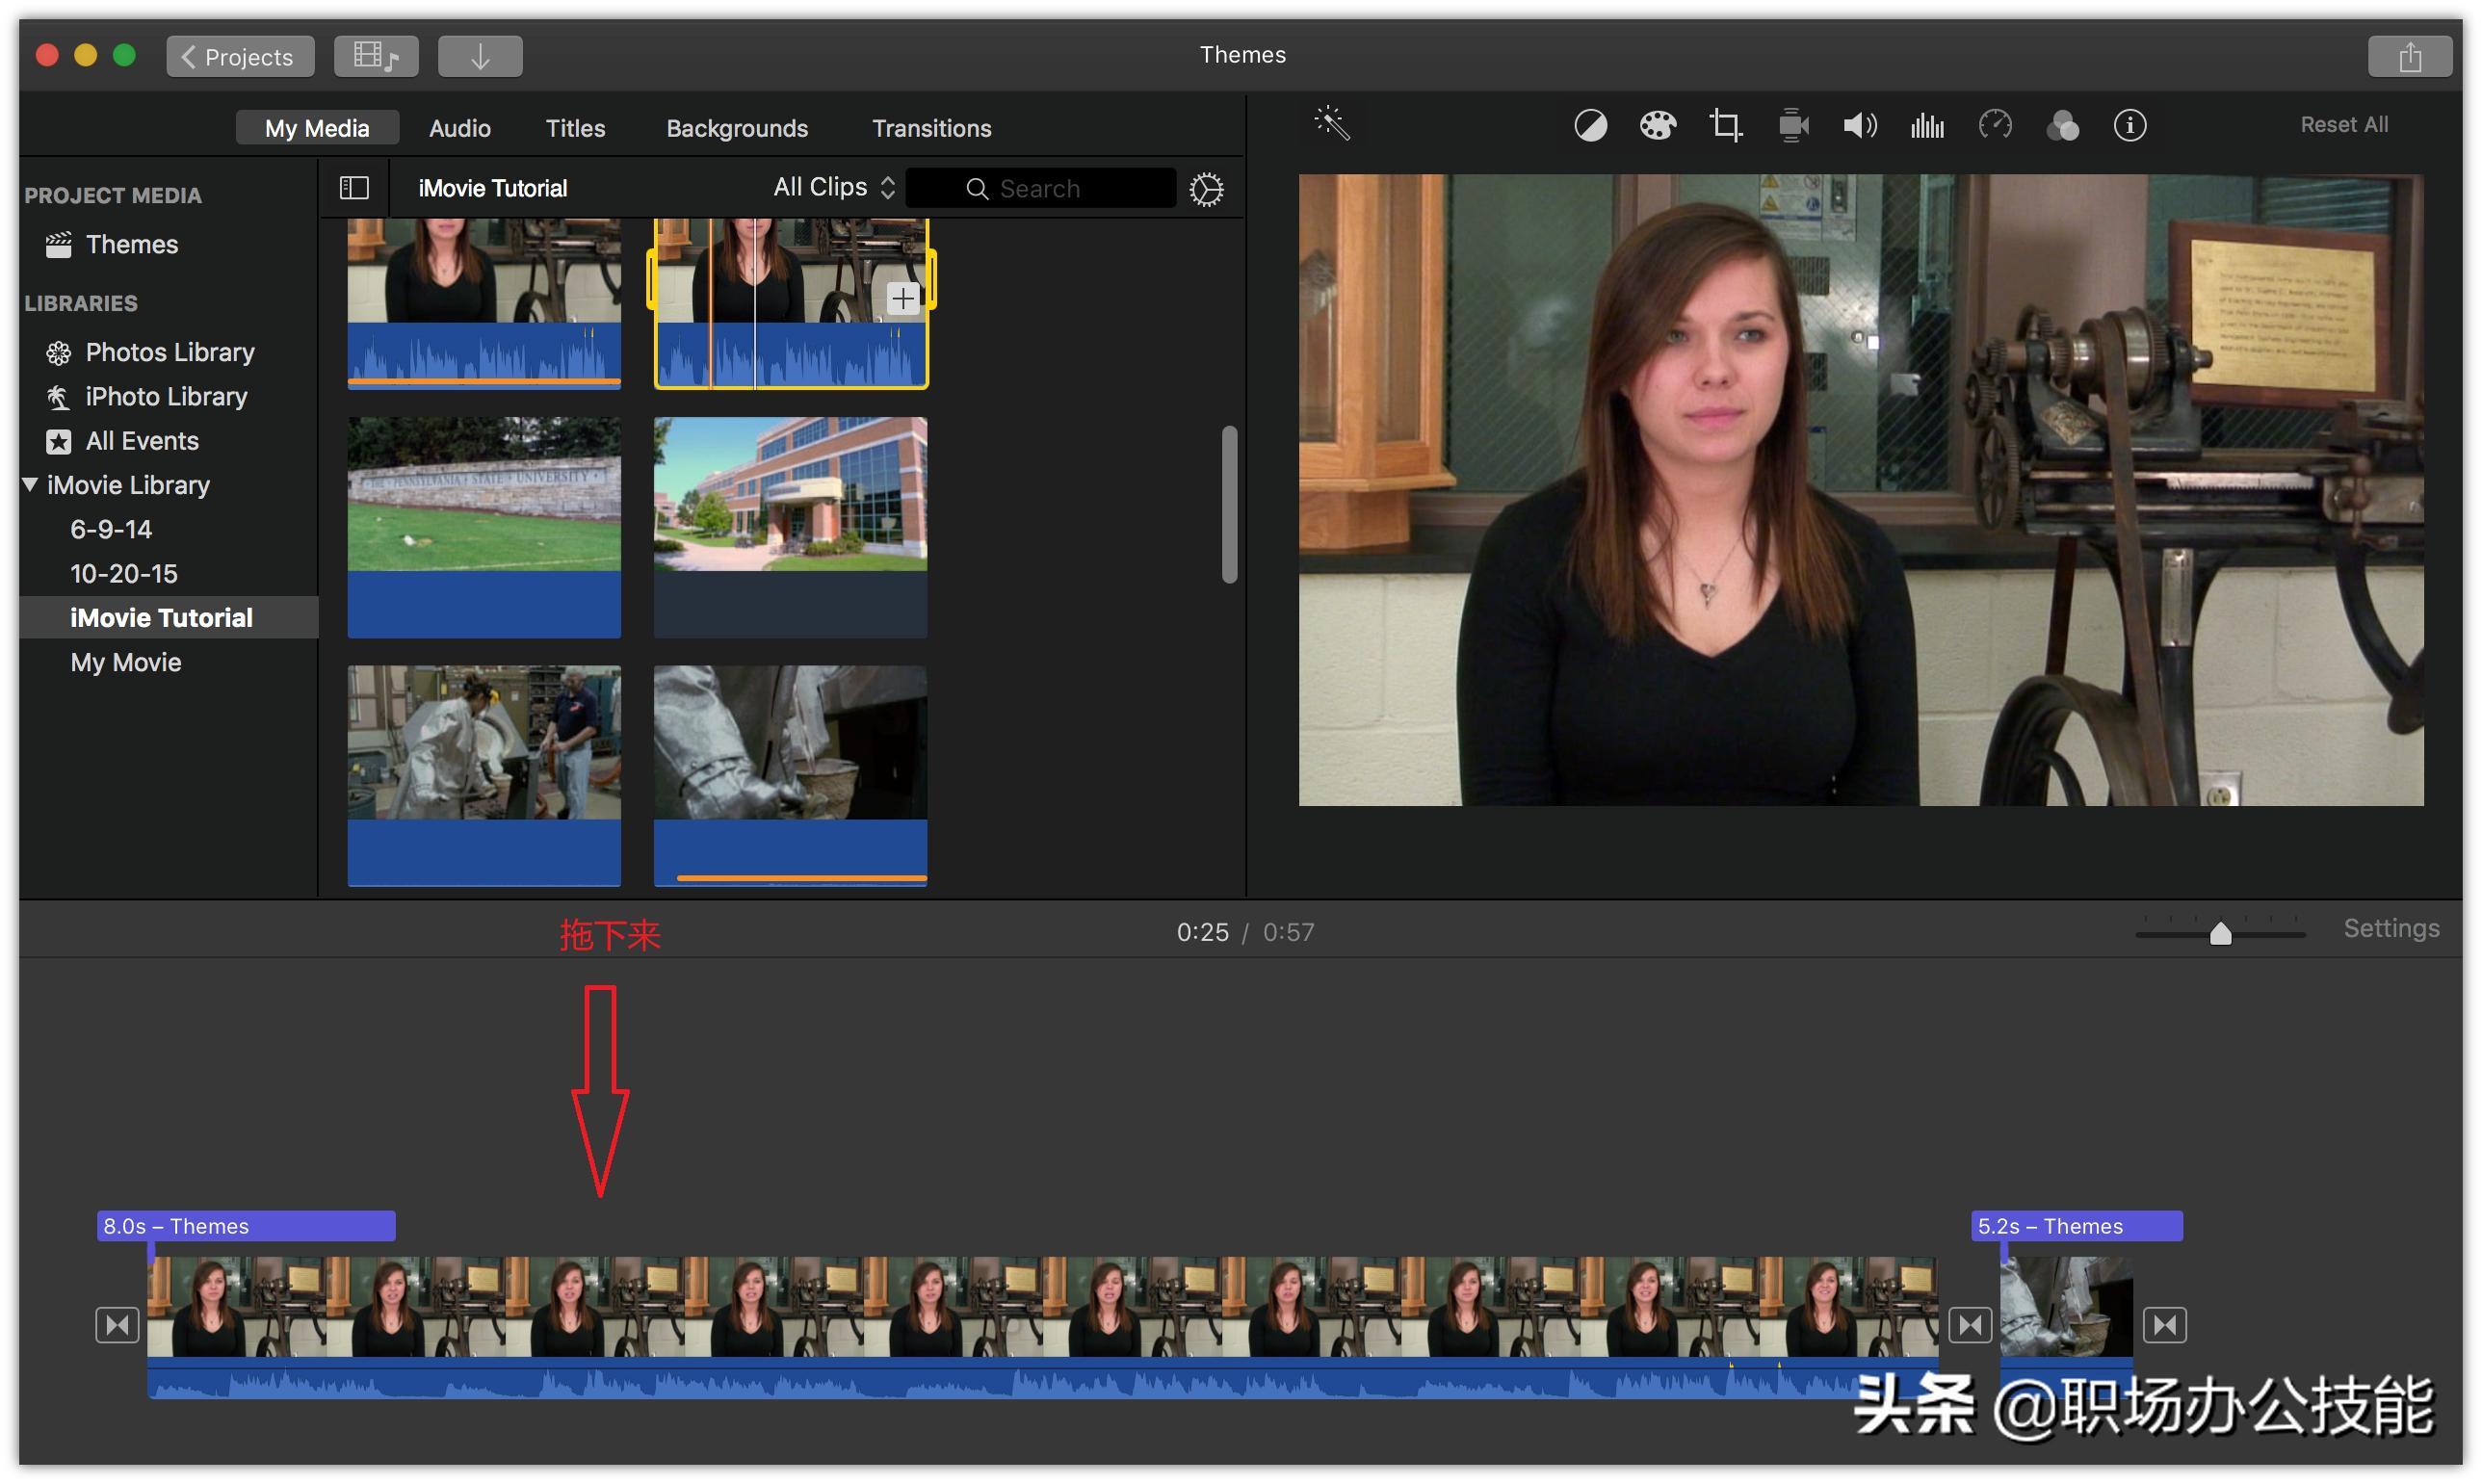 剪视频一般用什么软件(影视剪辑需要用到的软件)插图(4)